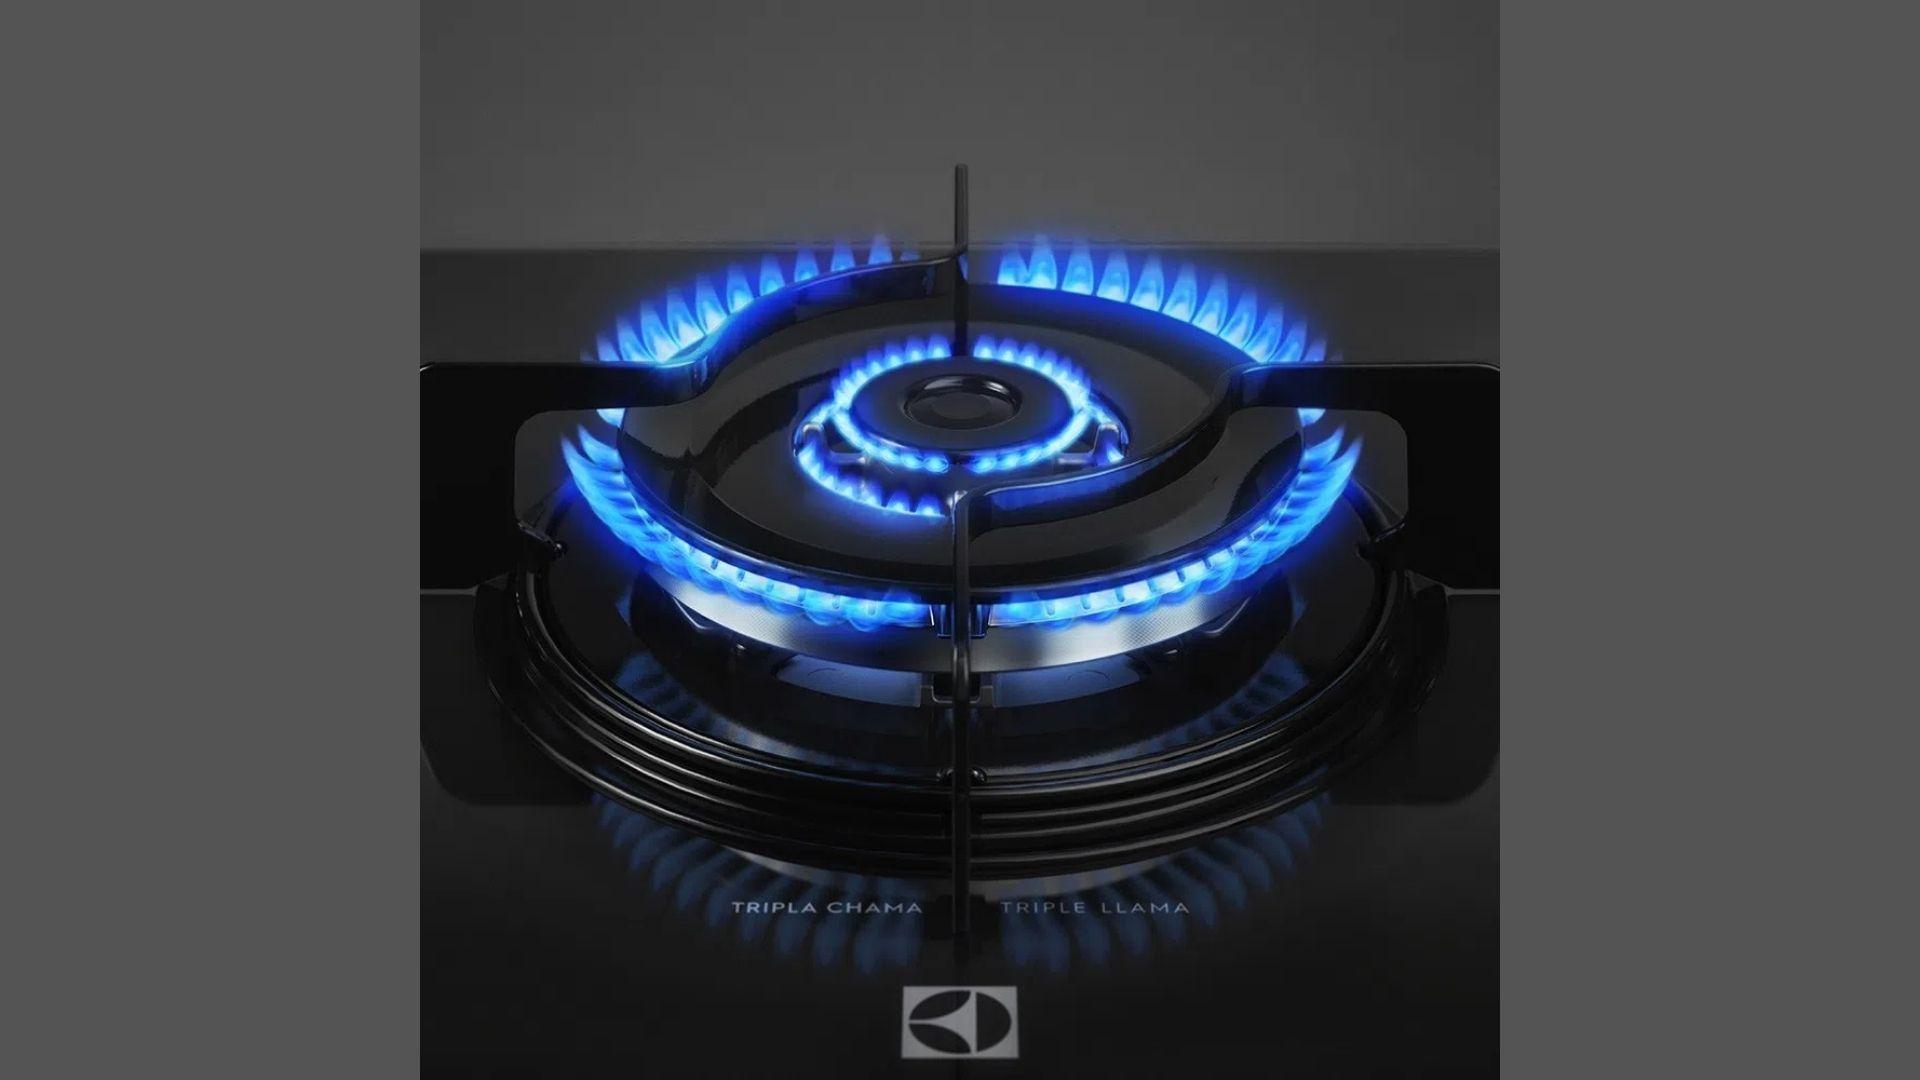 Boca tripla chama do cooktop Electrolux a gás de 5 bocas. (Imagem: Divulgação/Electrolux)